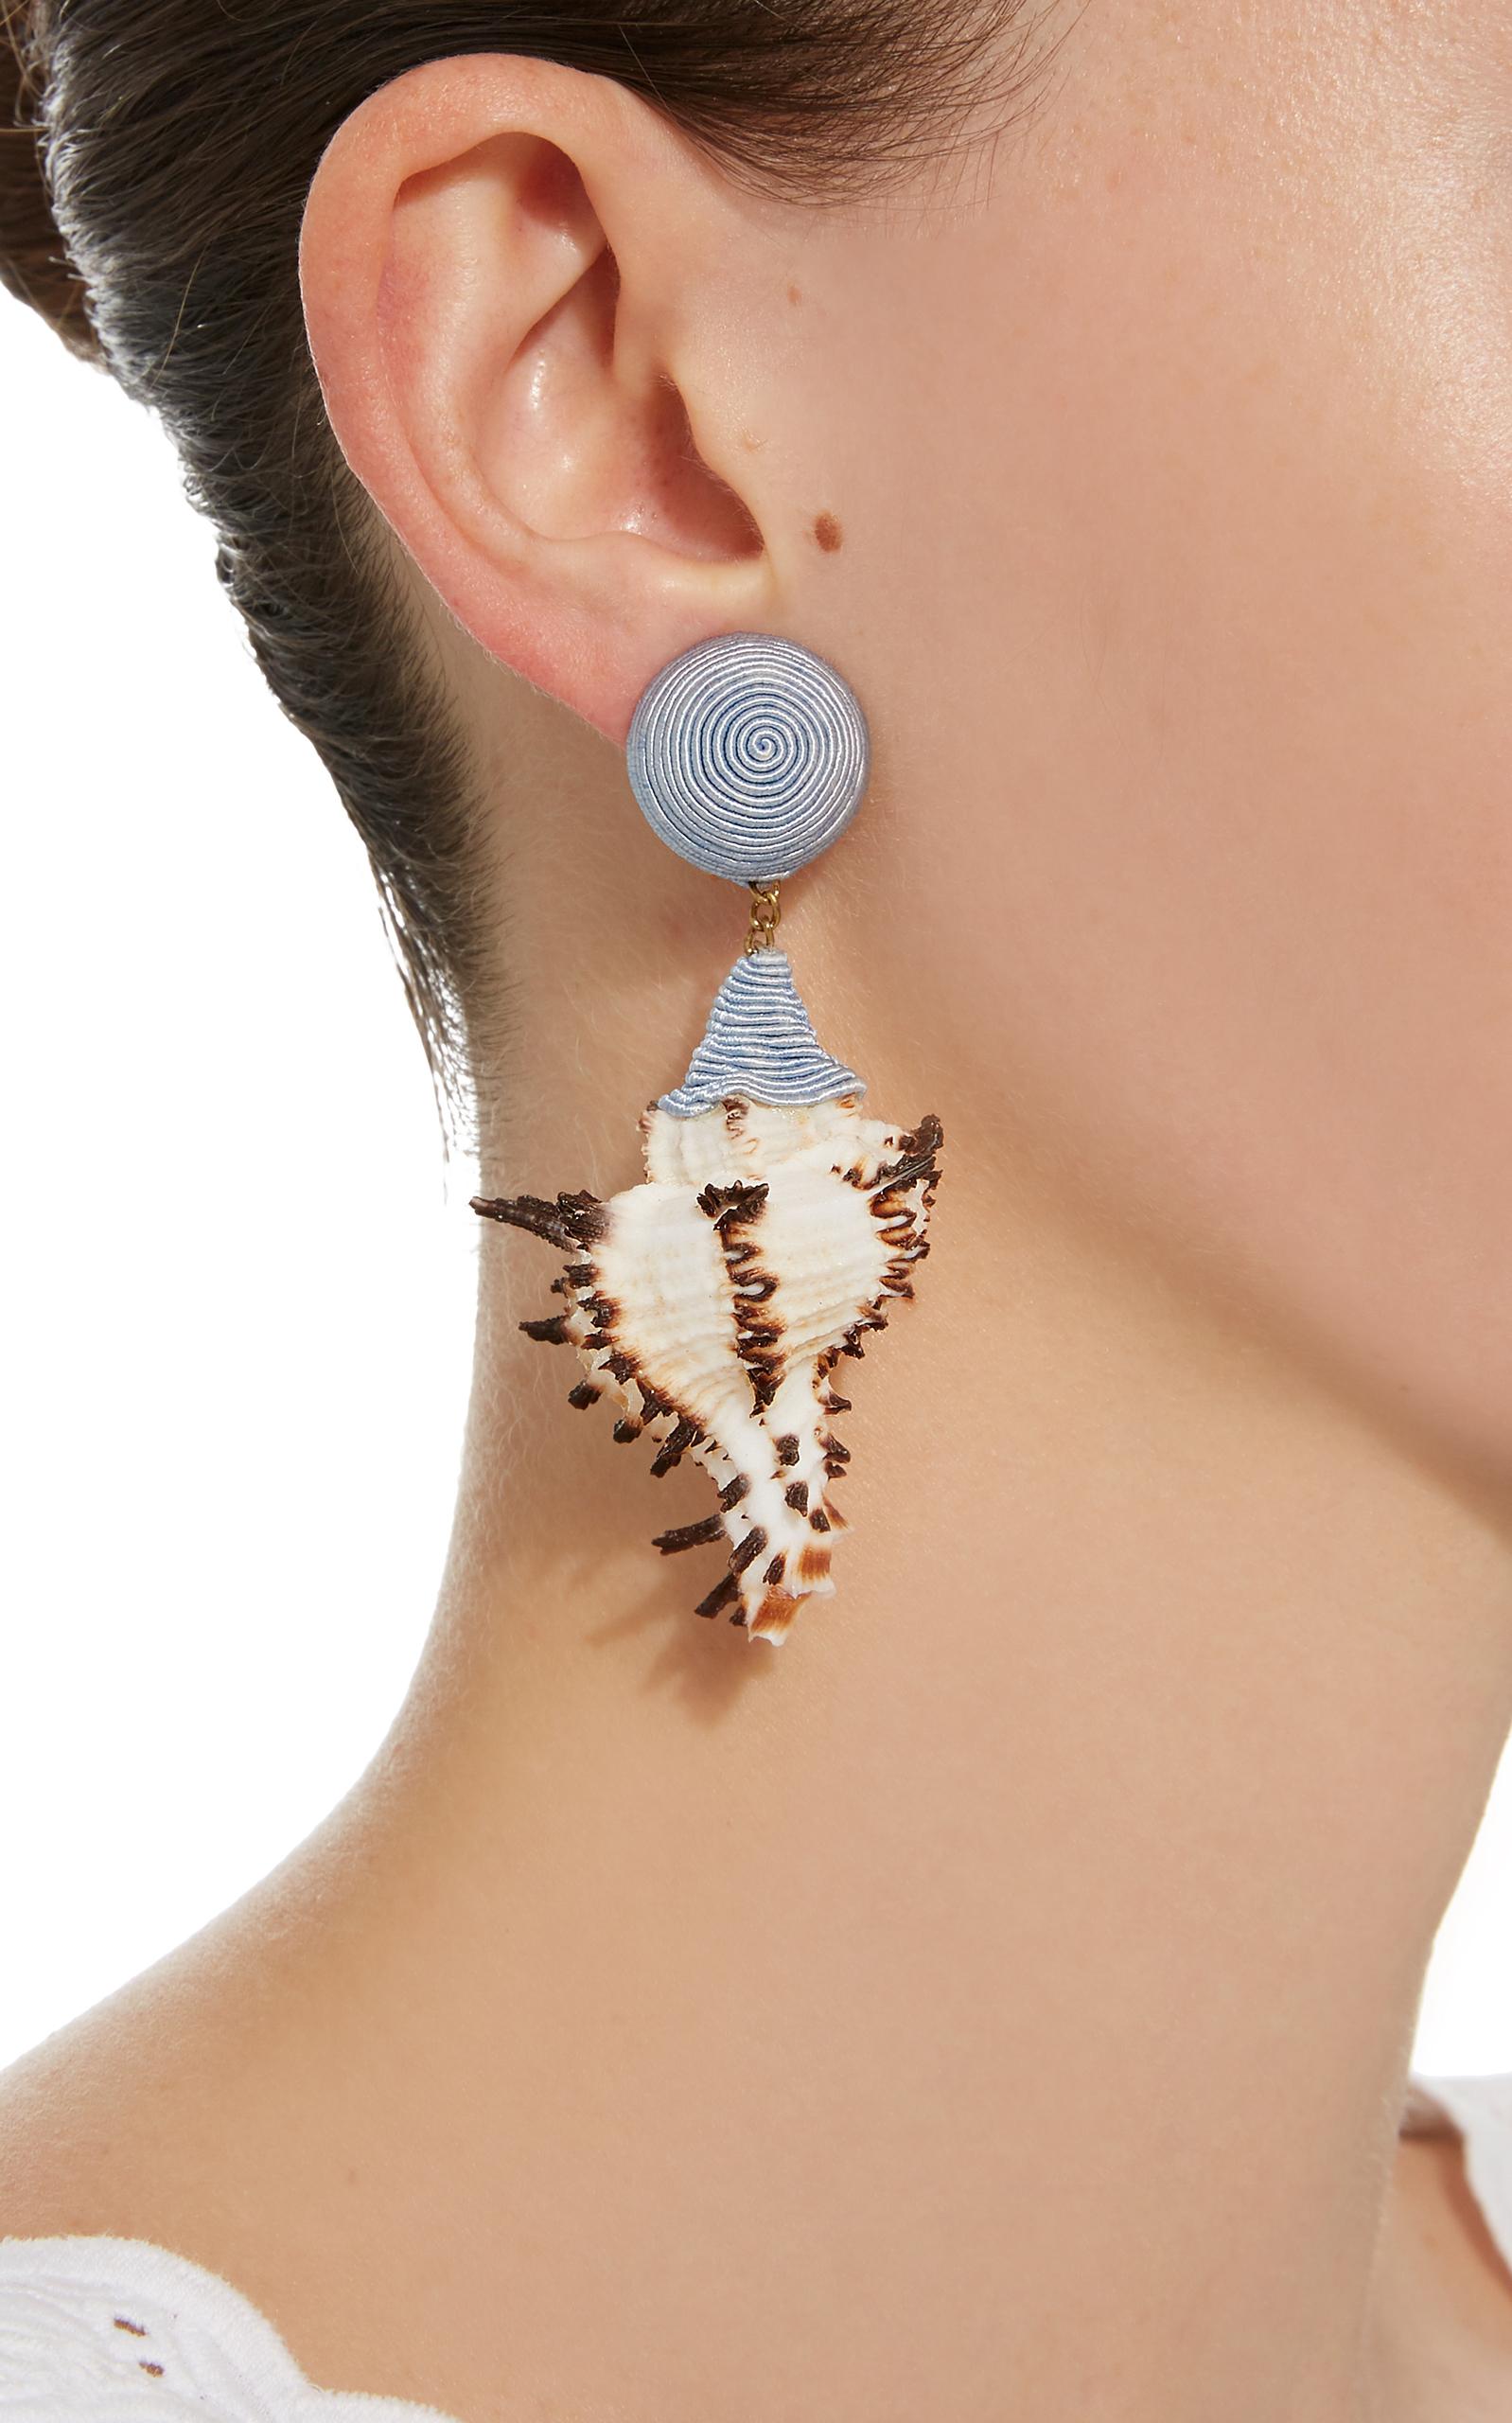 Ophelia Tan Earrings Rebecca de Ravenel 3BdqGBZ